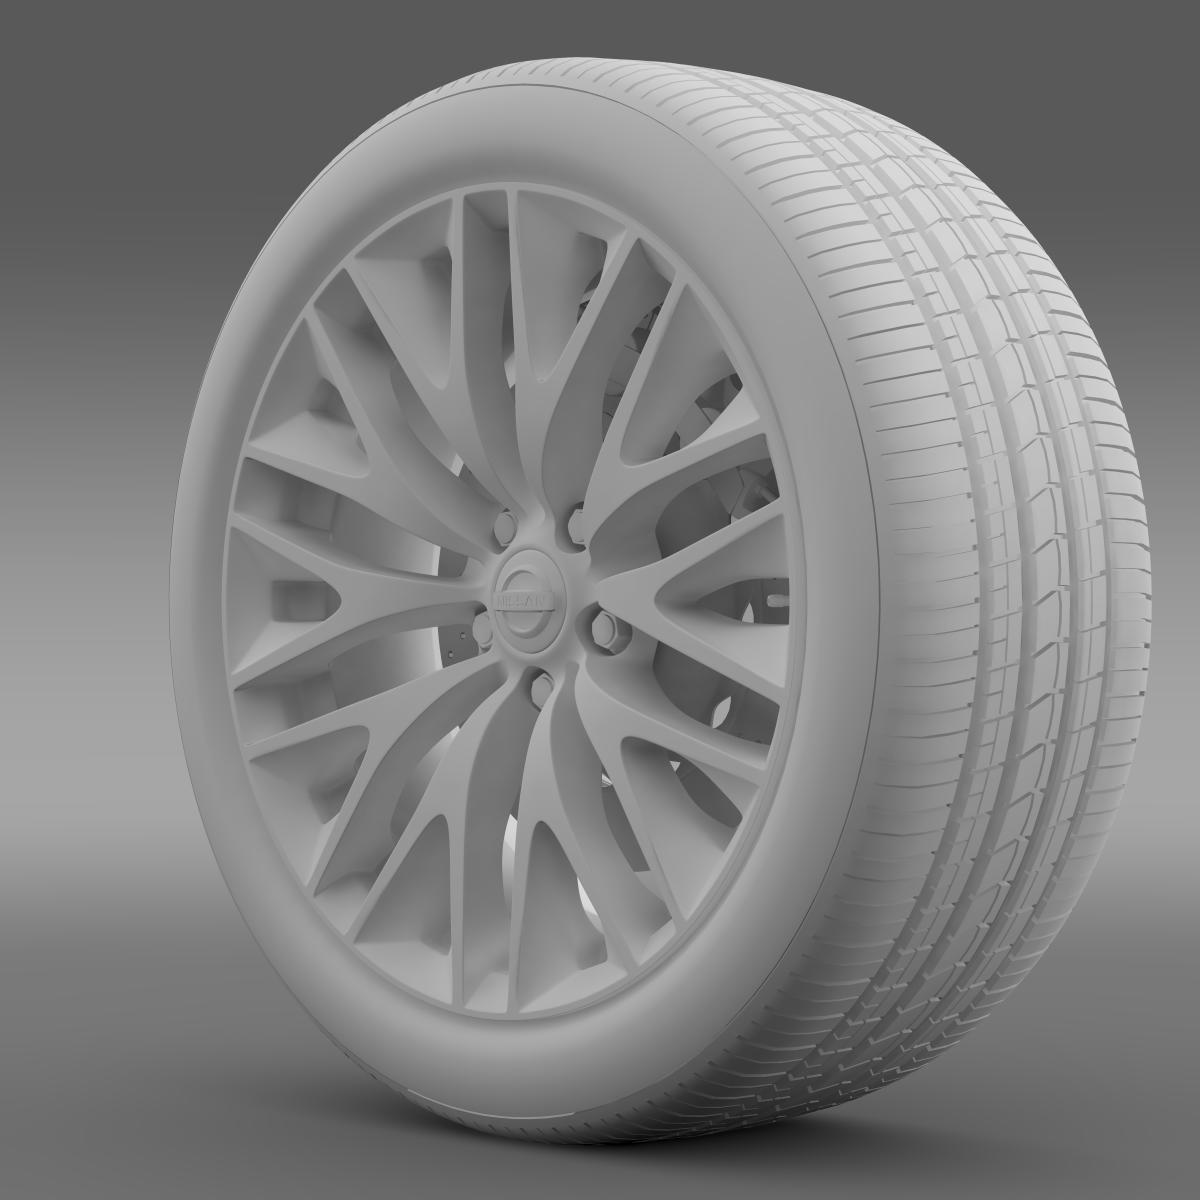 nissan cima hybrid wheel 3d model 3ds max fbx c4d lwo ma mb hrc xsi obj 210819